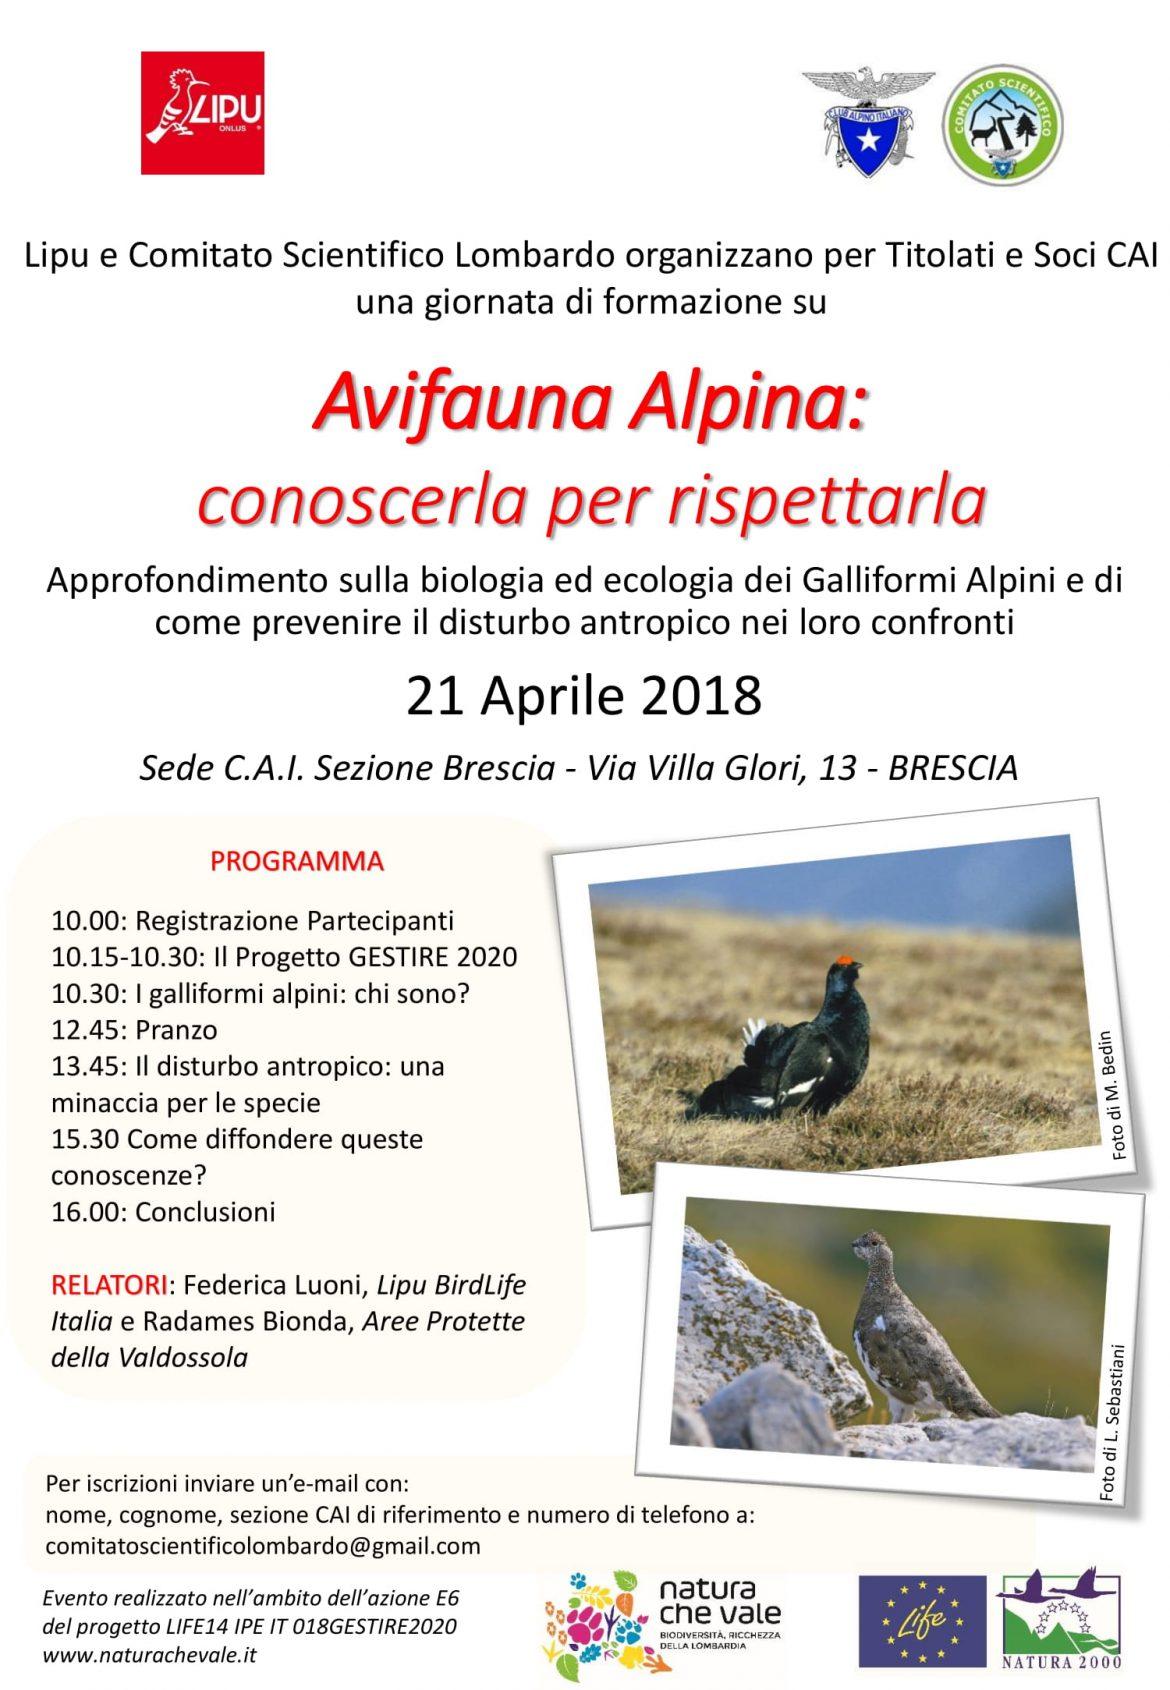 Avifauna-Alpina-conoscerla-per-rispettarla-21-aprile-2018.jpg